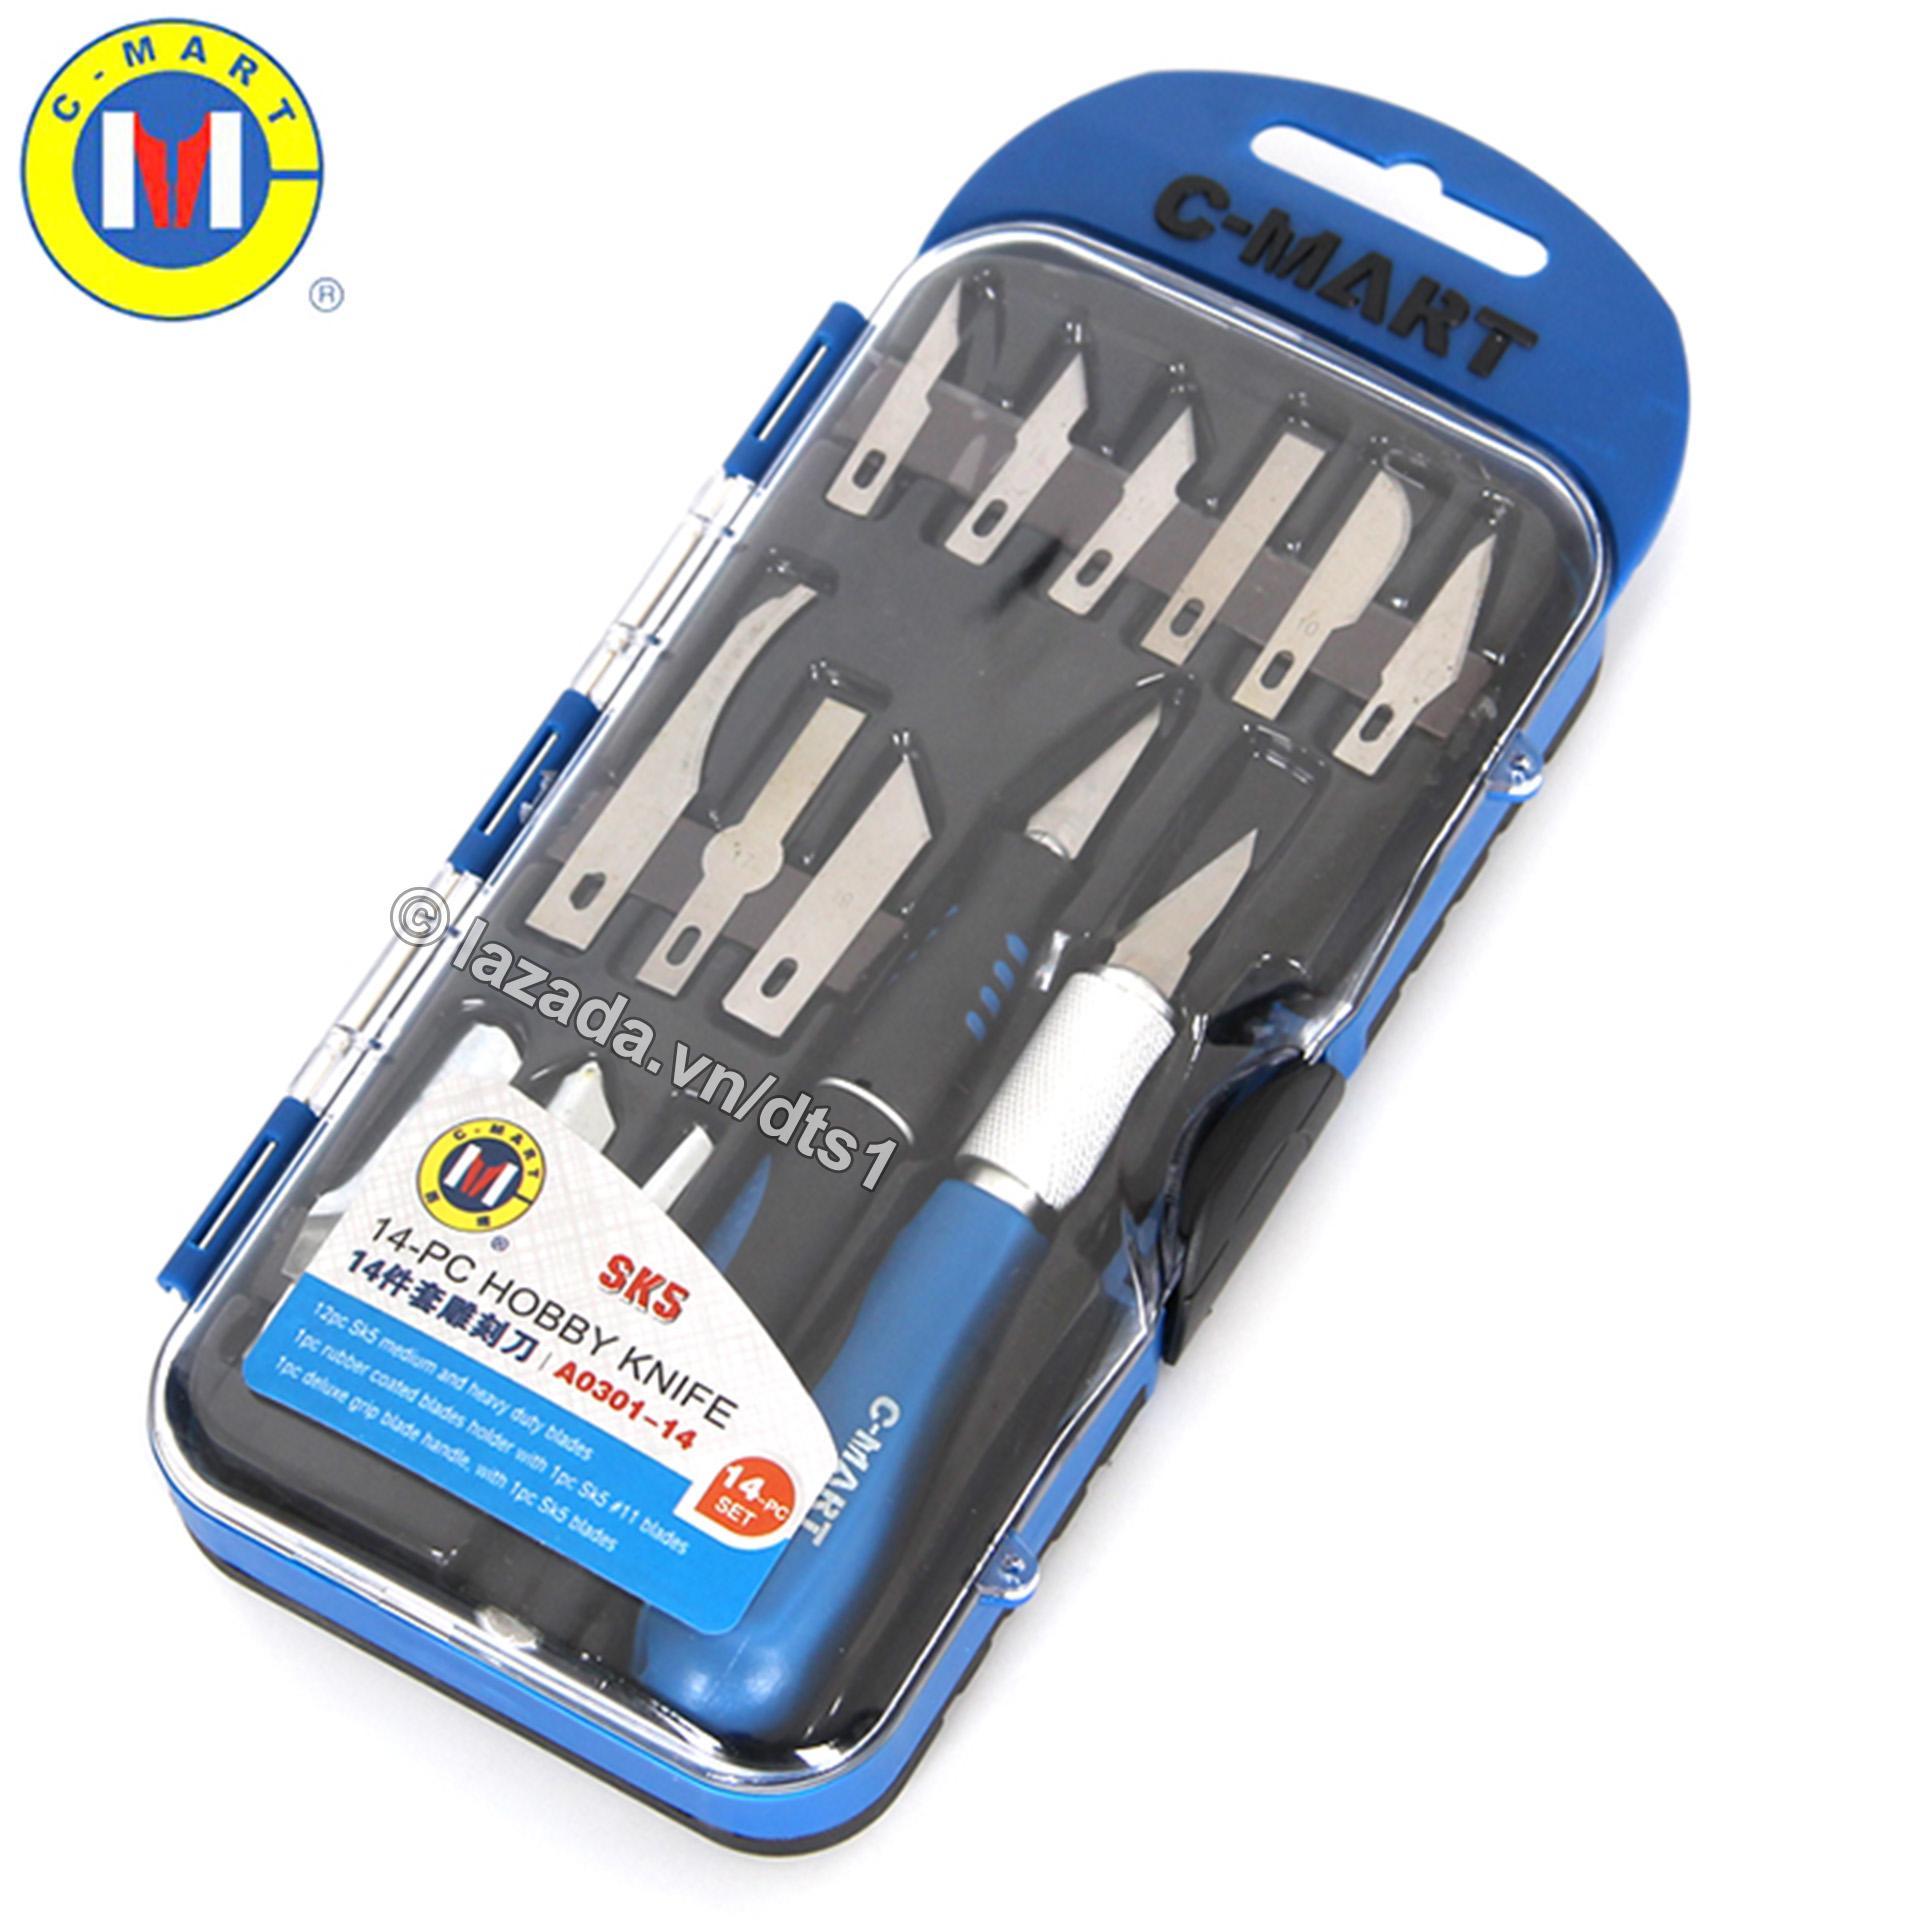 Bộ dao đa năng C-MART A0301 14 chi tiết, Bộ dao điêu khắc, chạm, trổ, tách, ghép cao cấp C-MART A0301-14